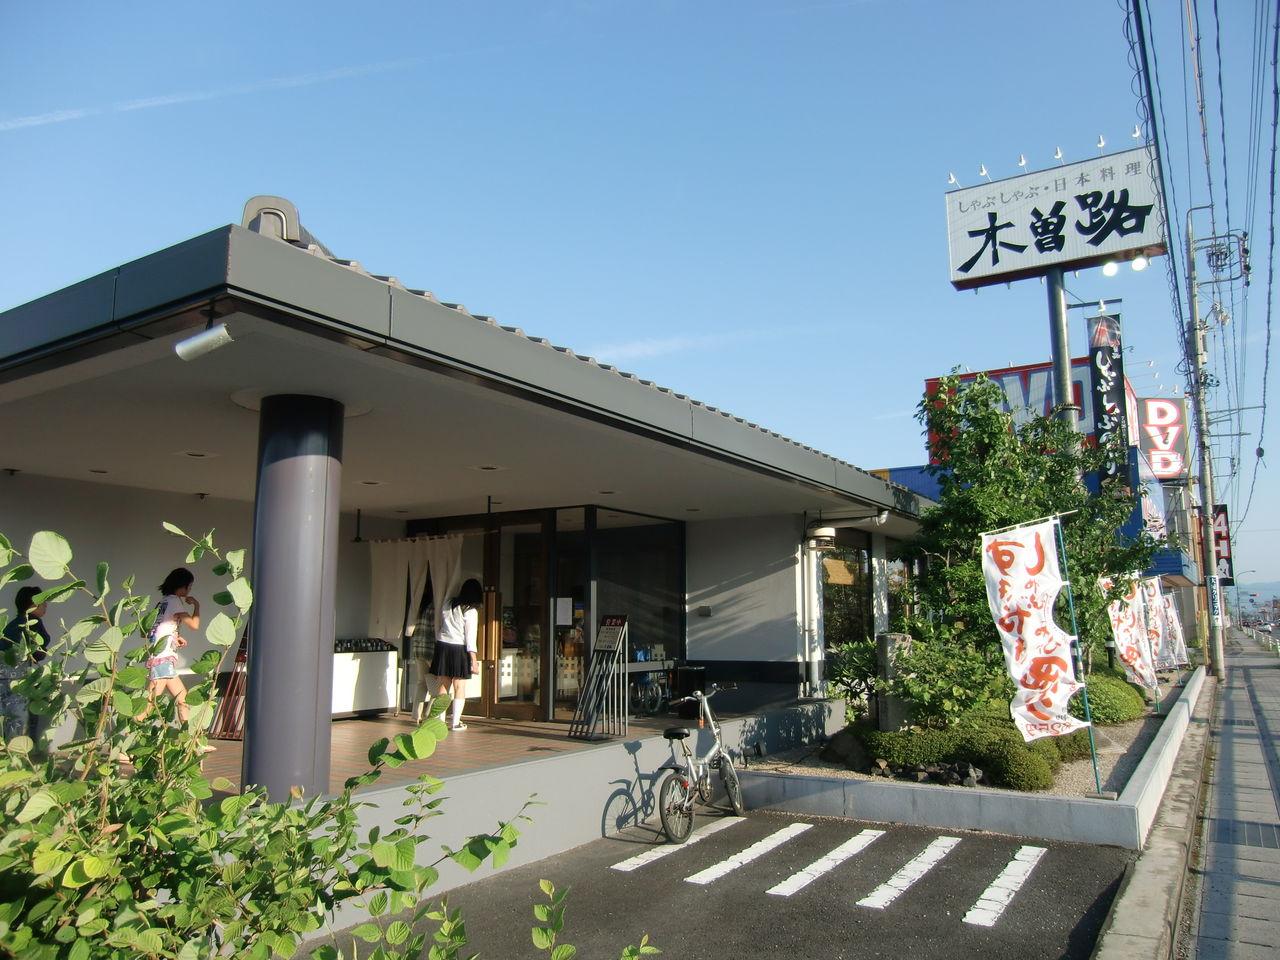 大垣の地域情報 【Oh!柿】                まろん                      まろん